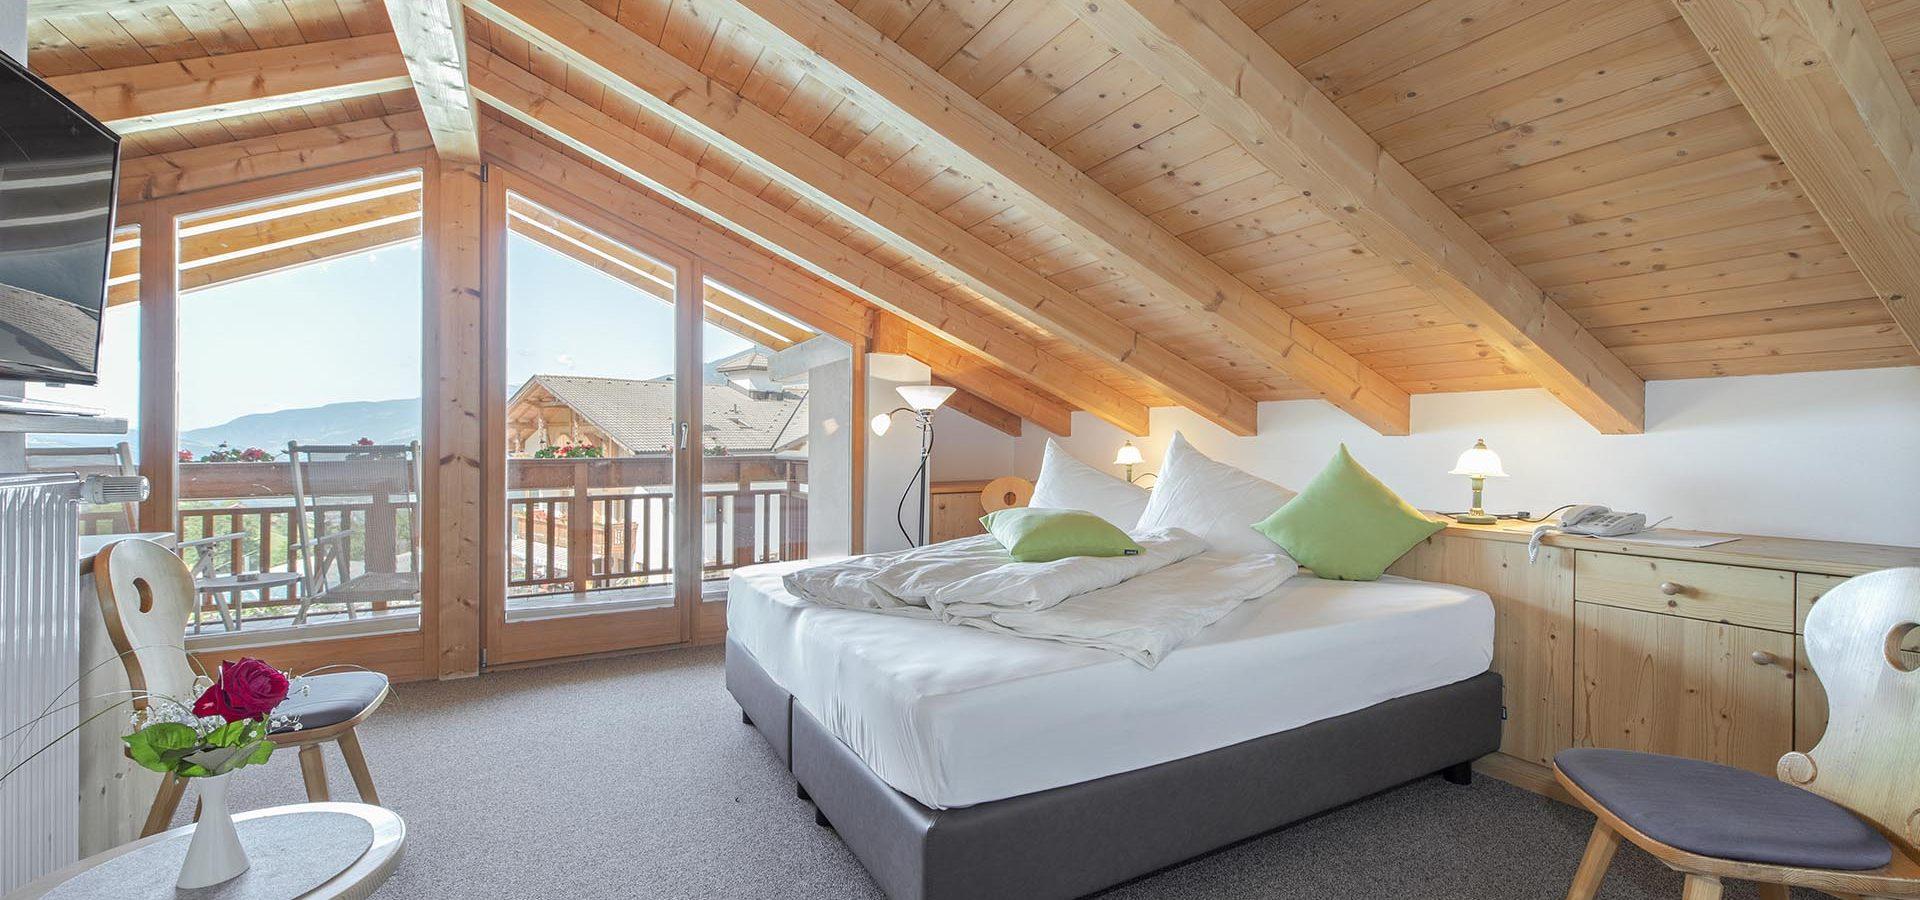 Ihre komfortable Unterkunft bei Brixen